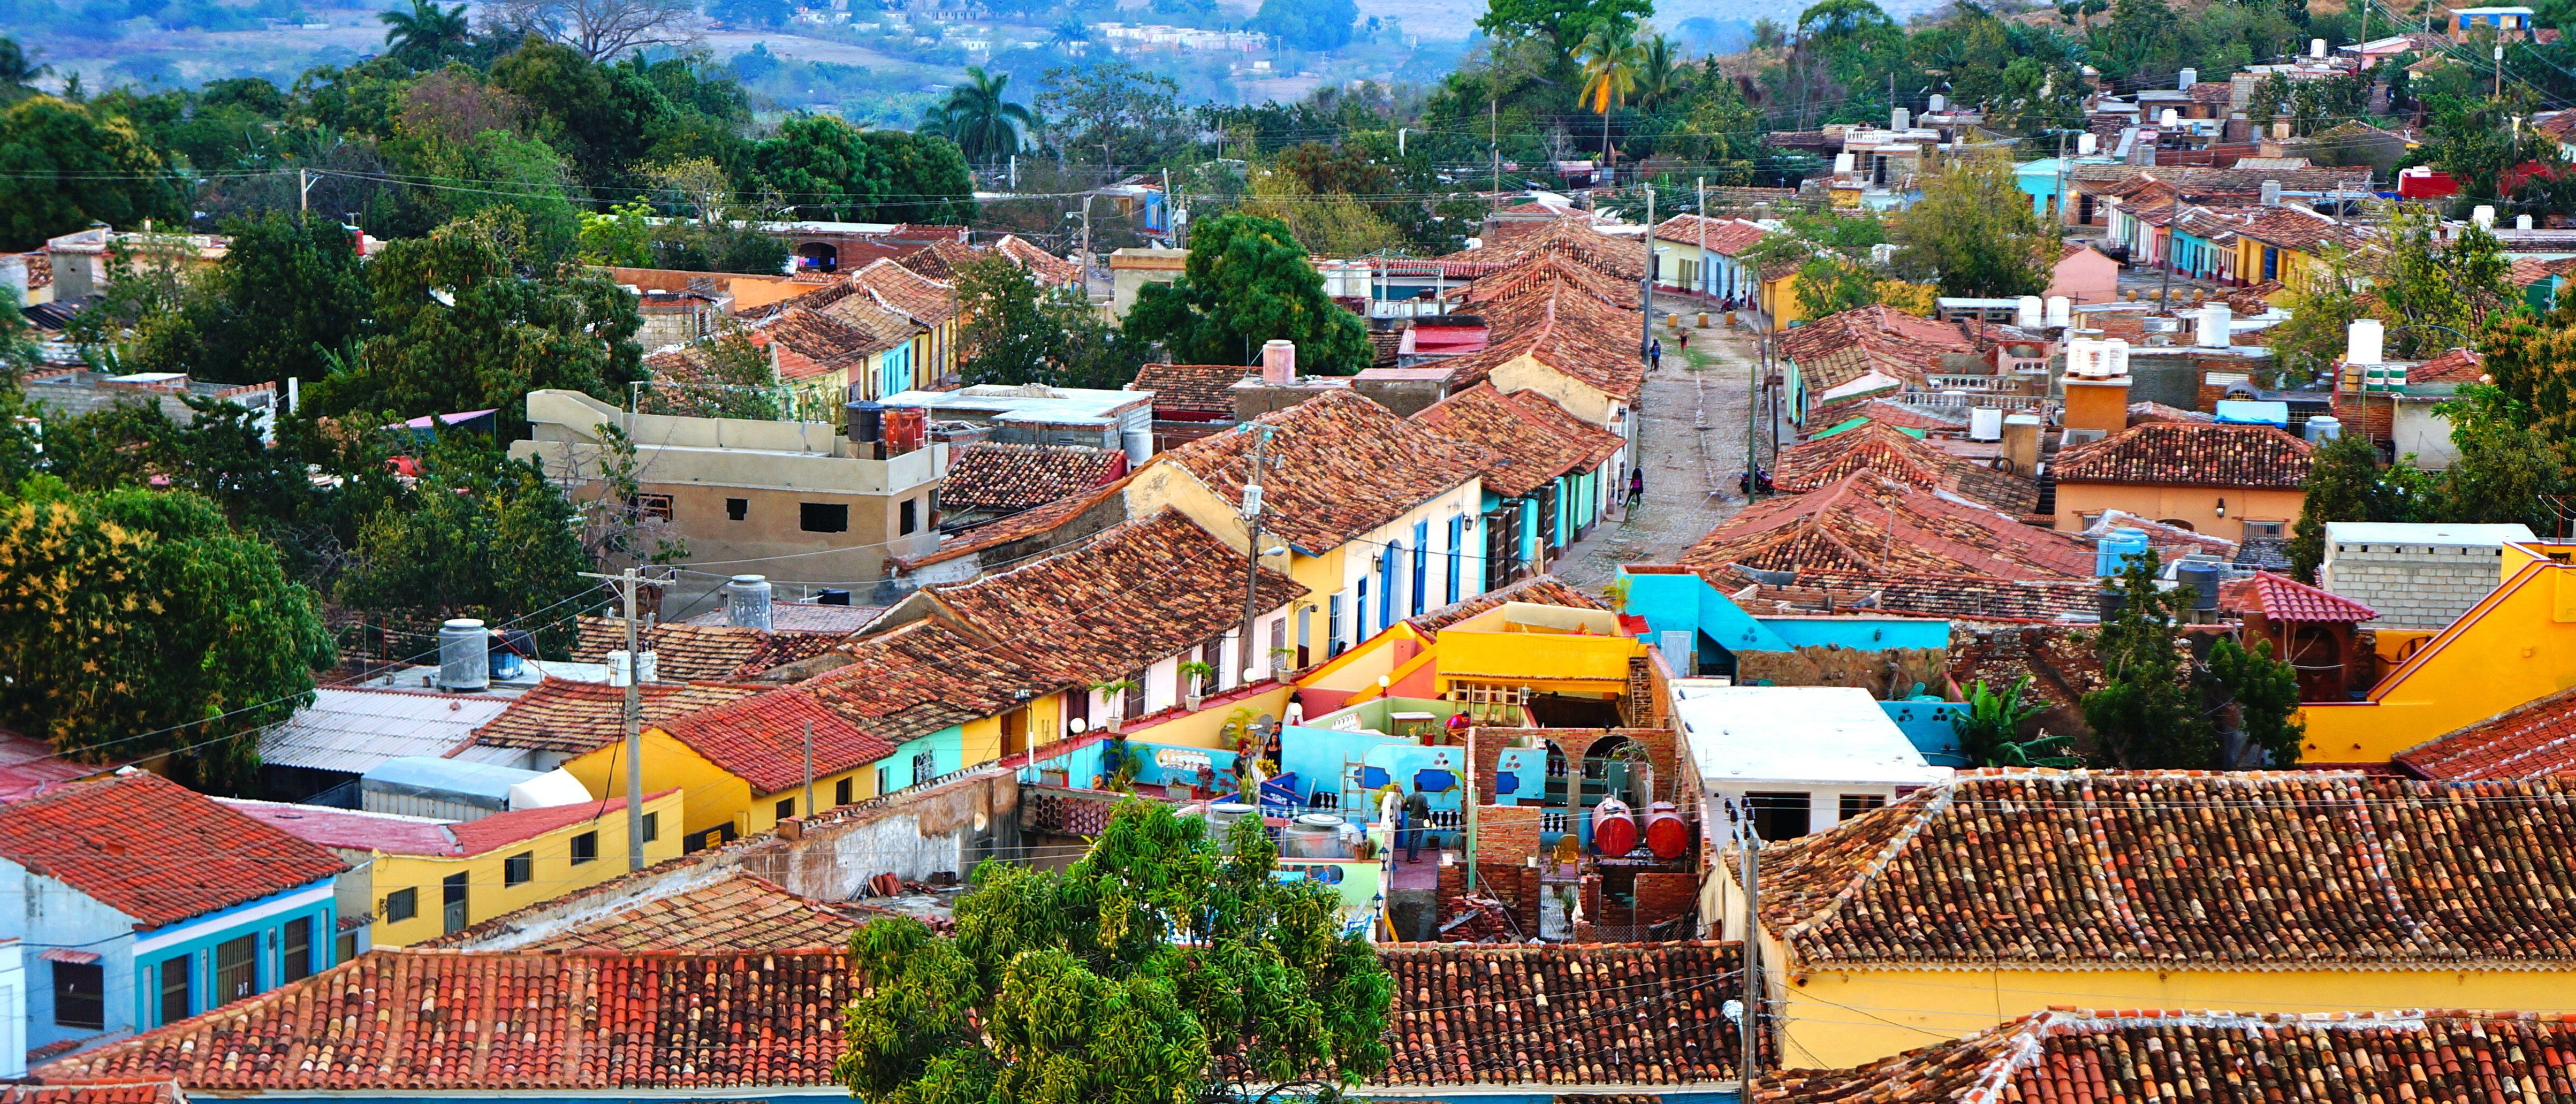 Shutterstock Cuban rooftops